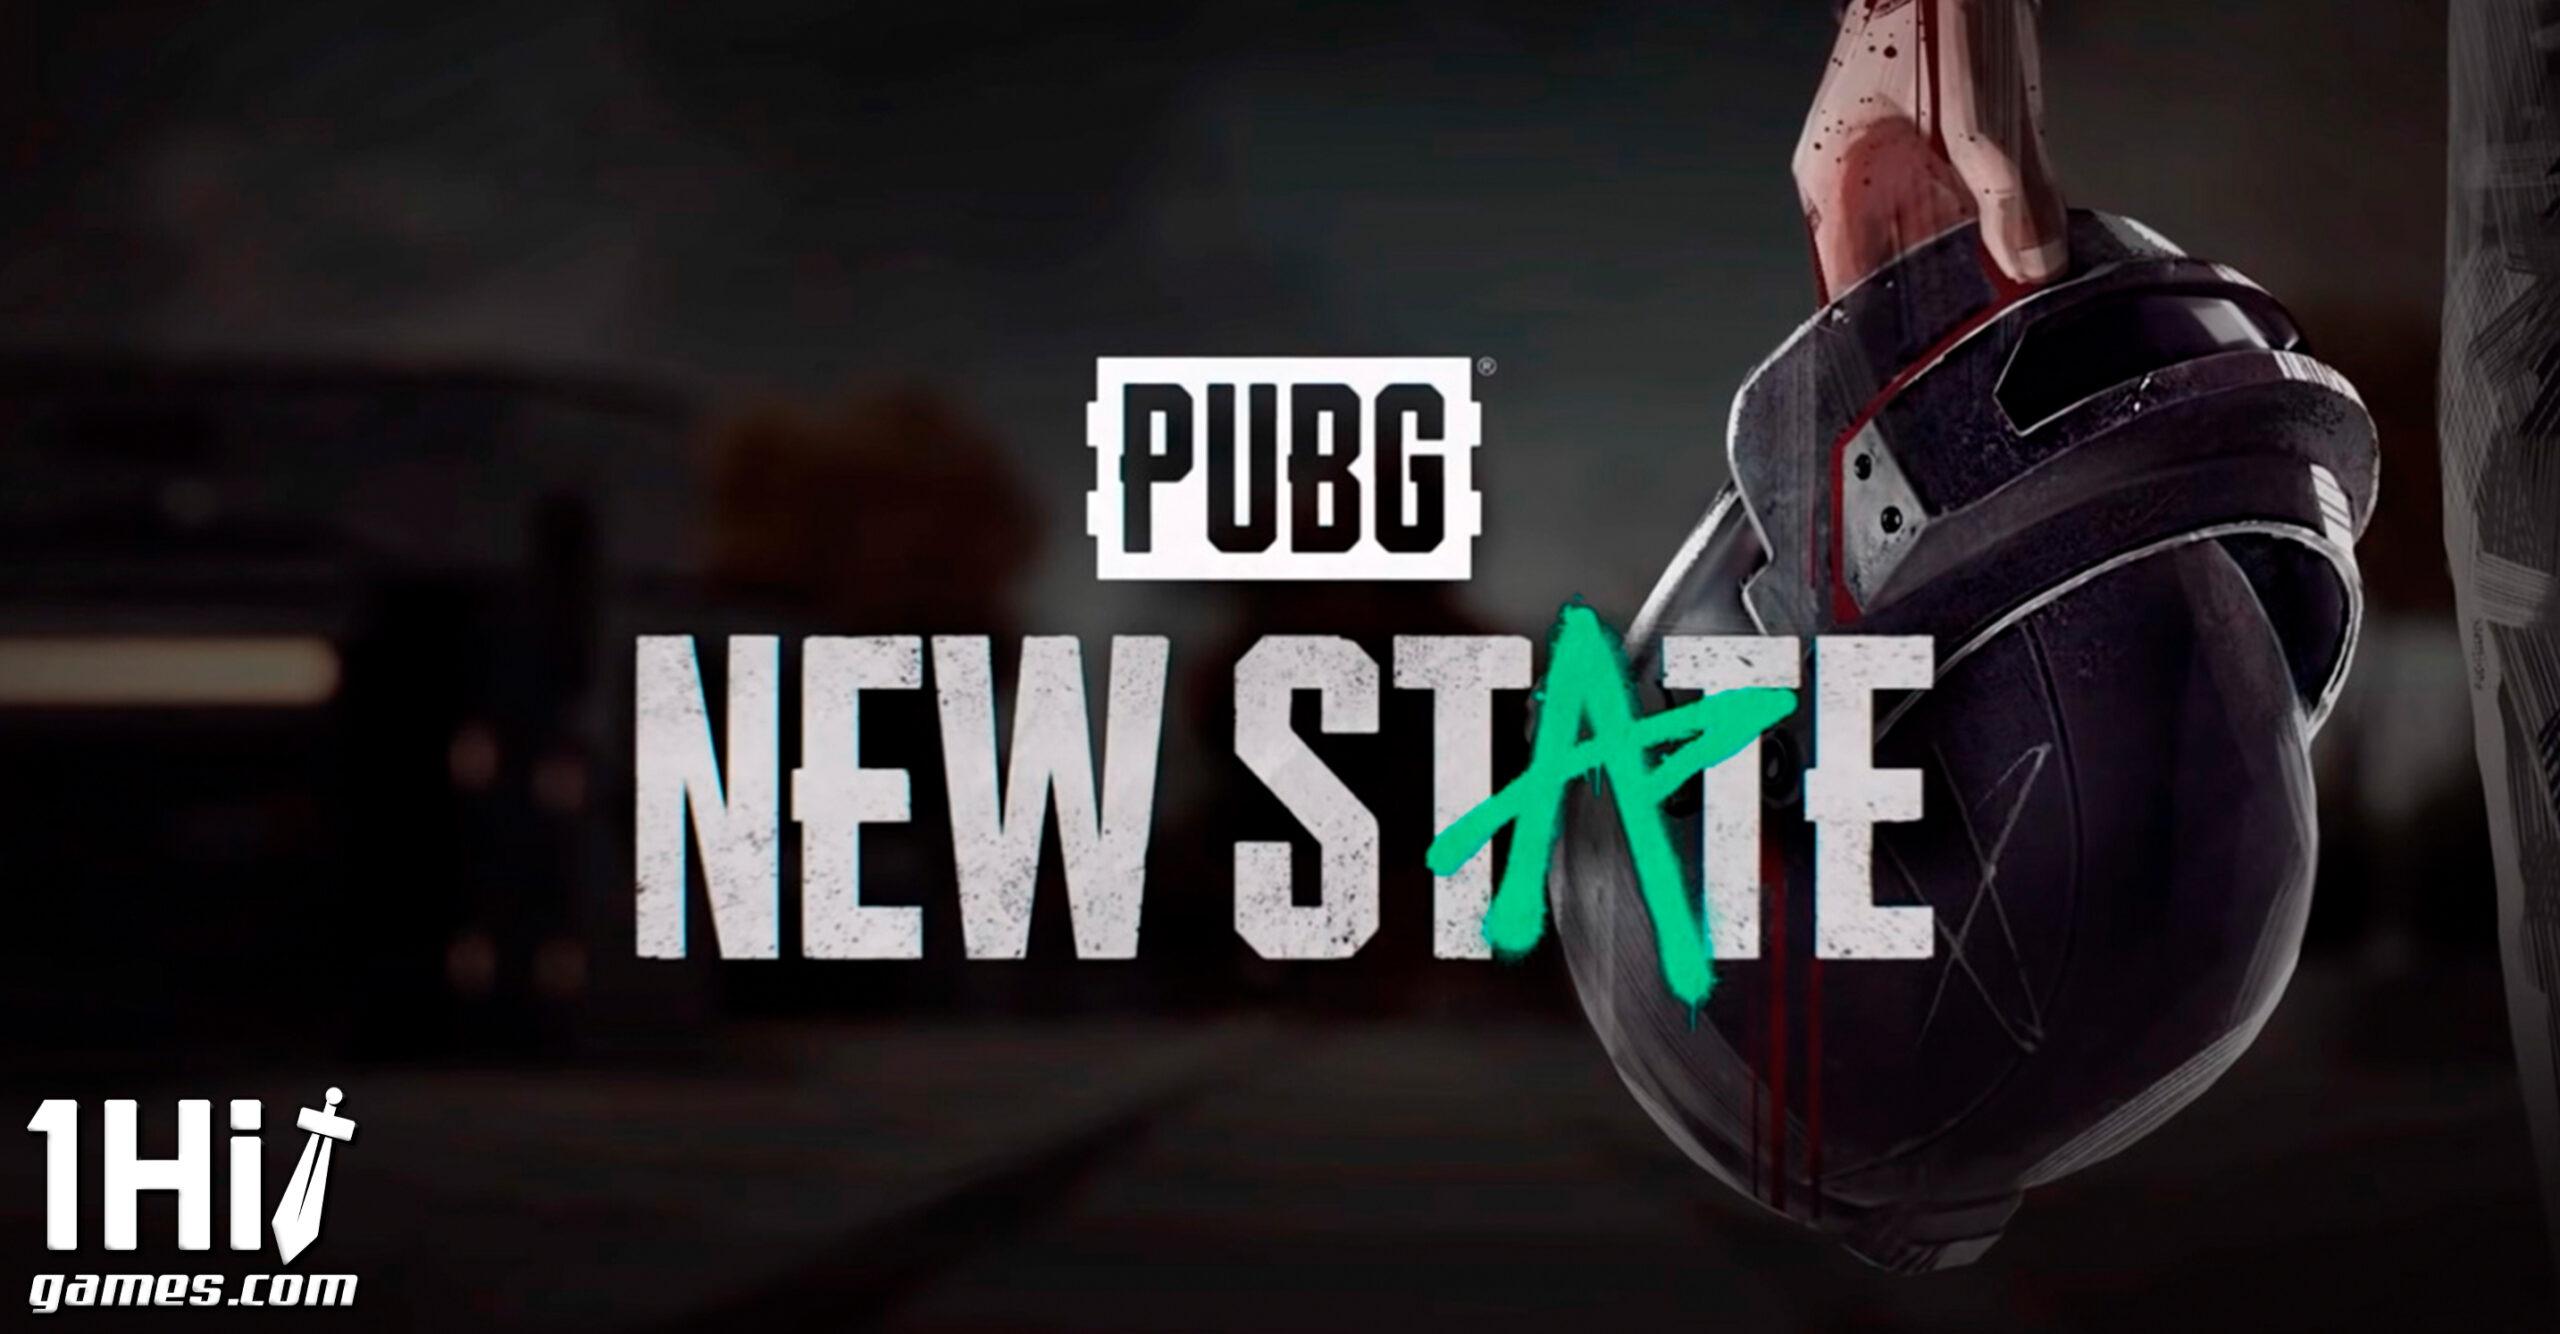 O aguardado PUBG: New State